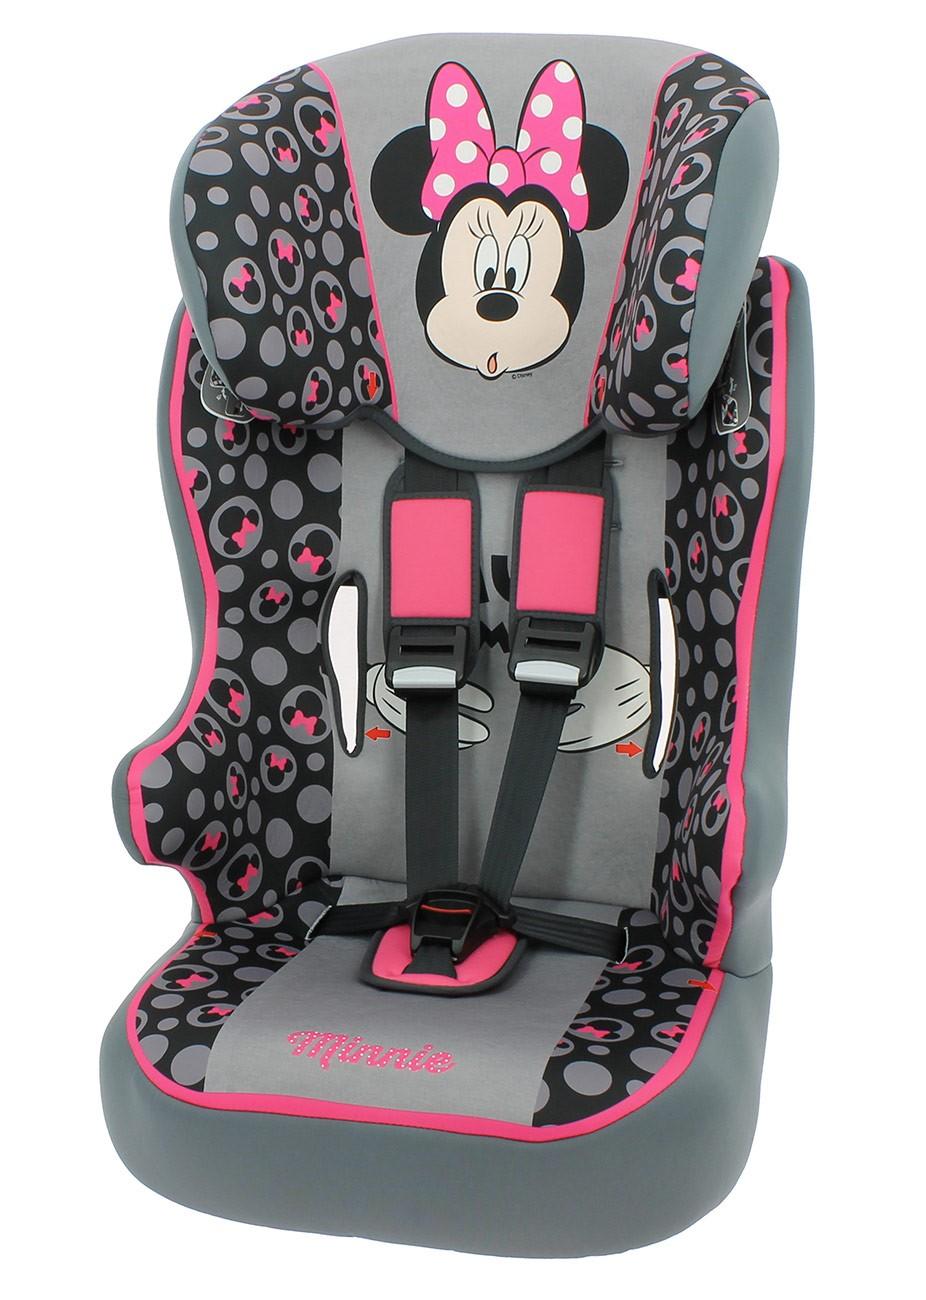 Seggiolino Auto Disney Minnie